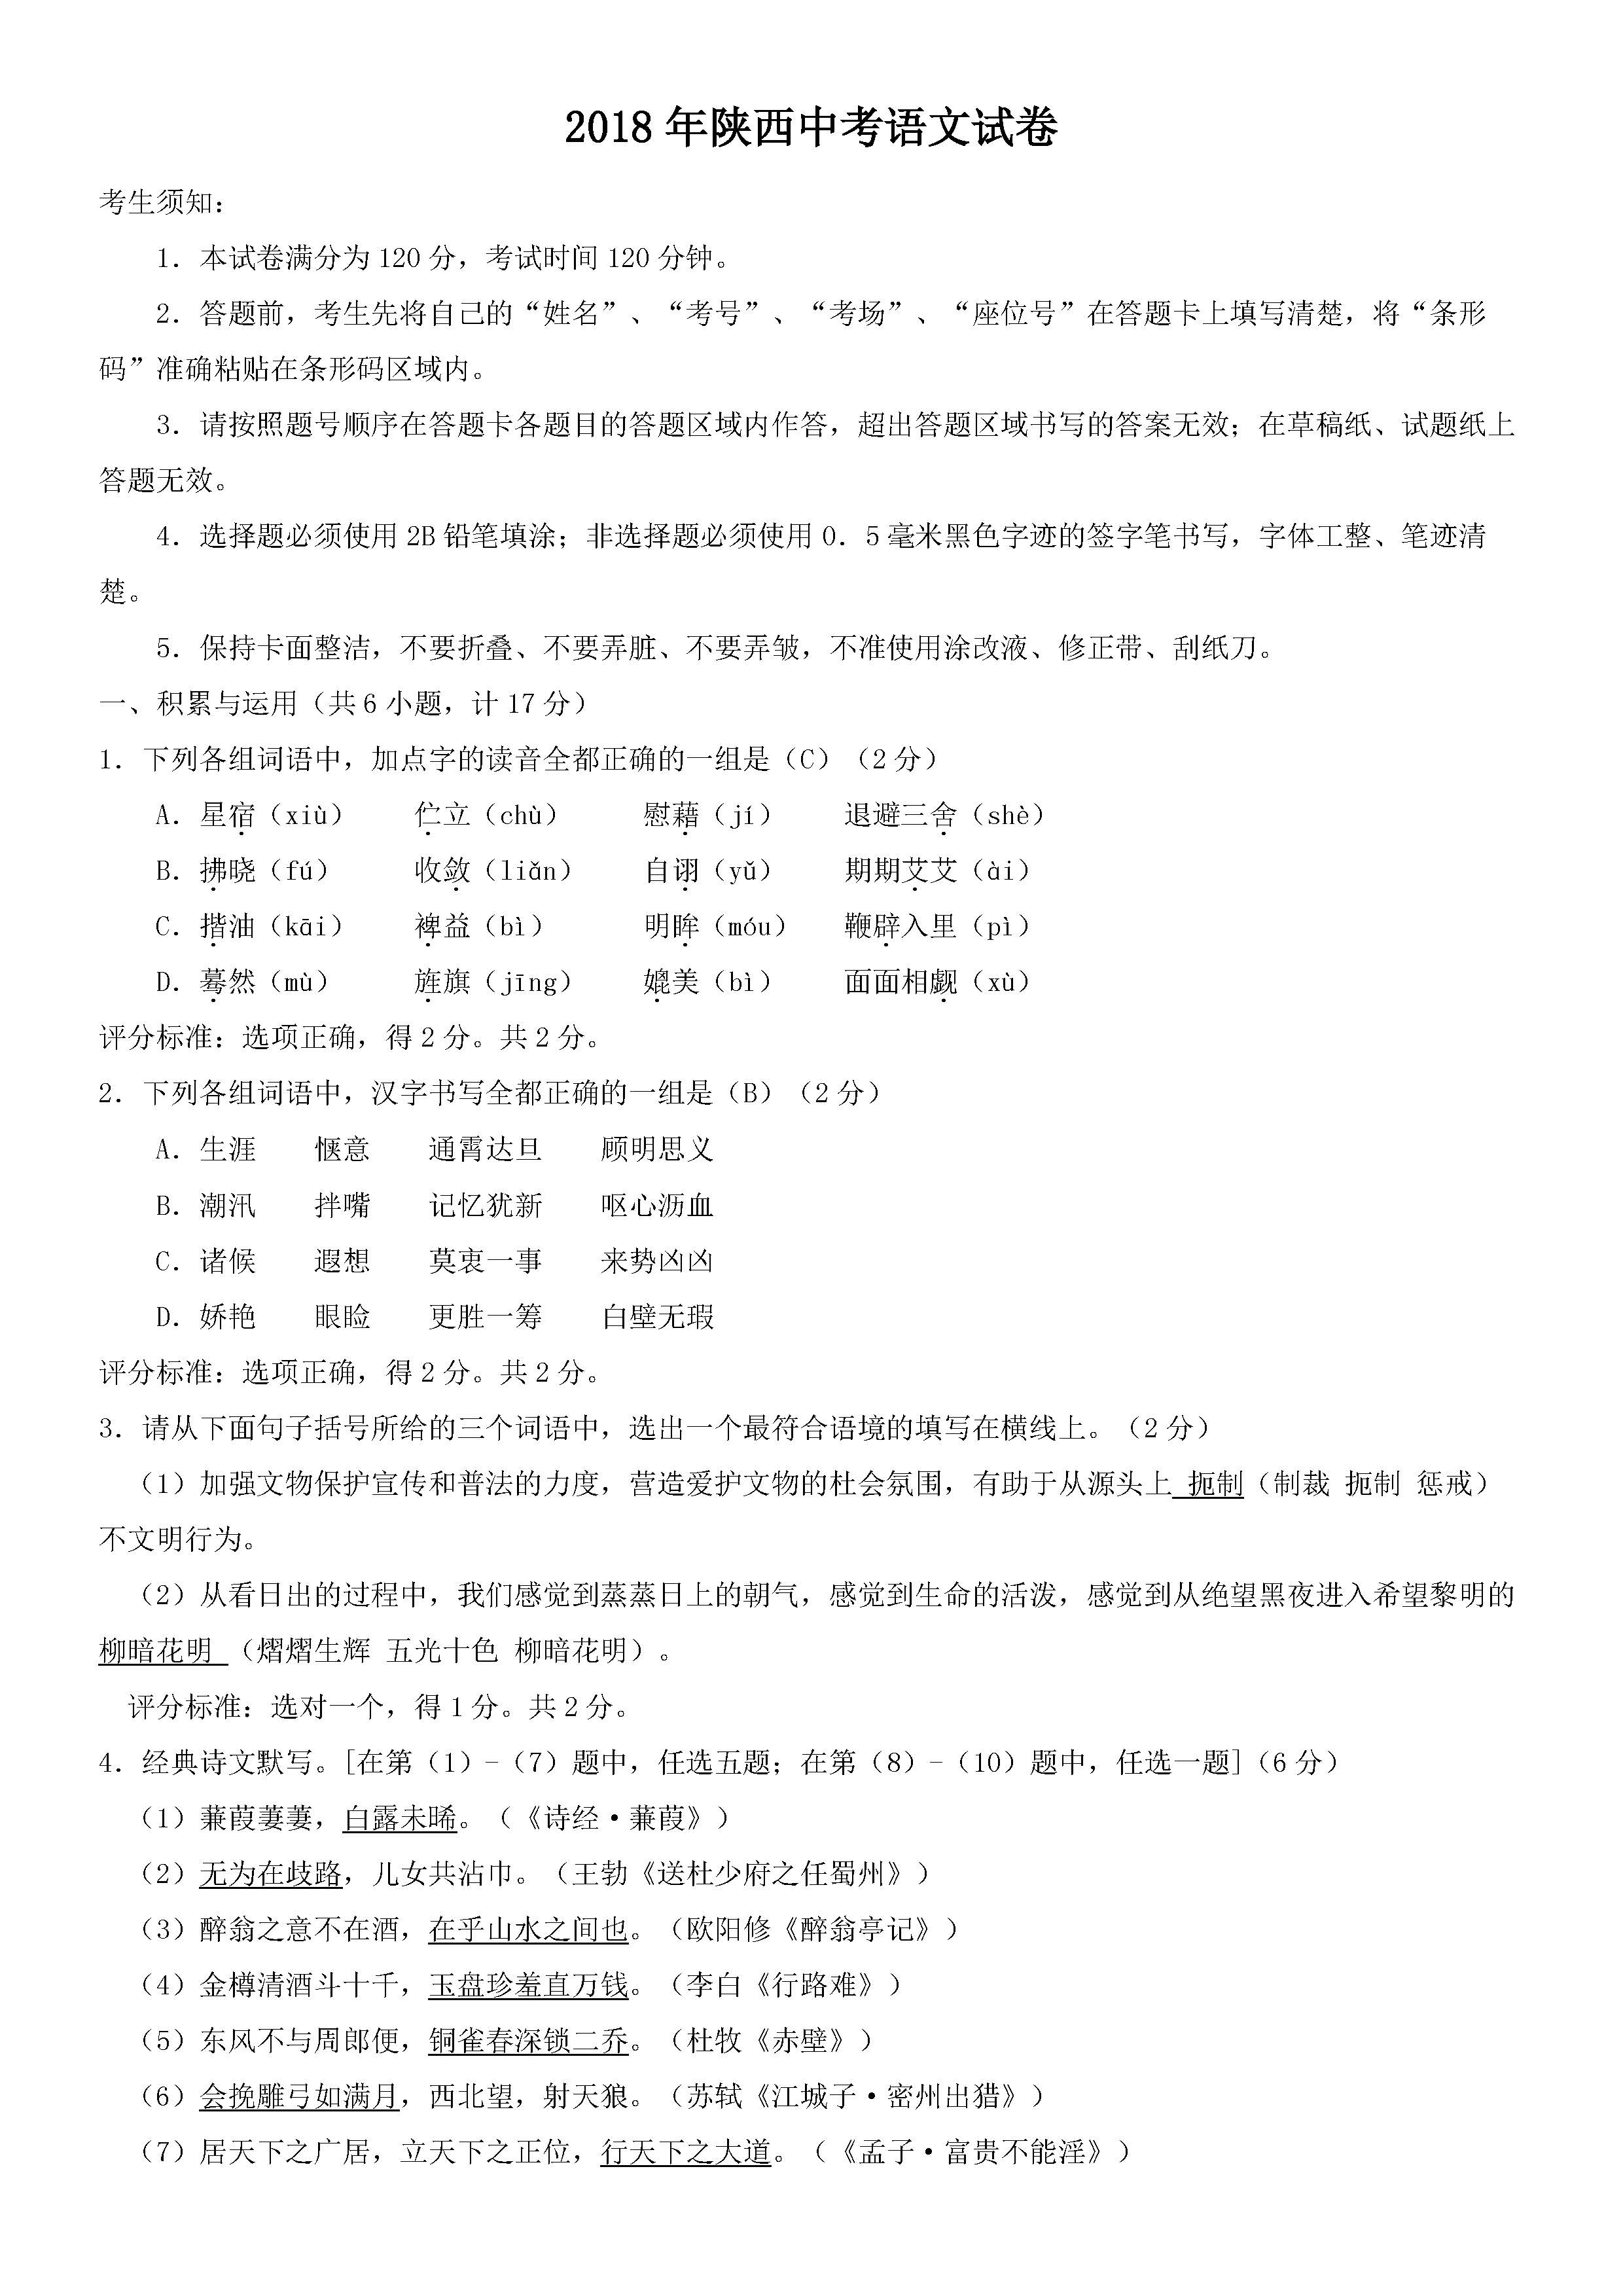 2018陕西中考语文试题及答案解析(图片版含答案)